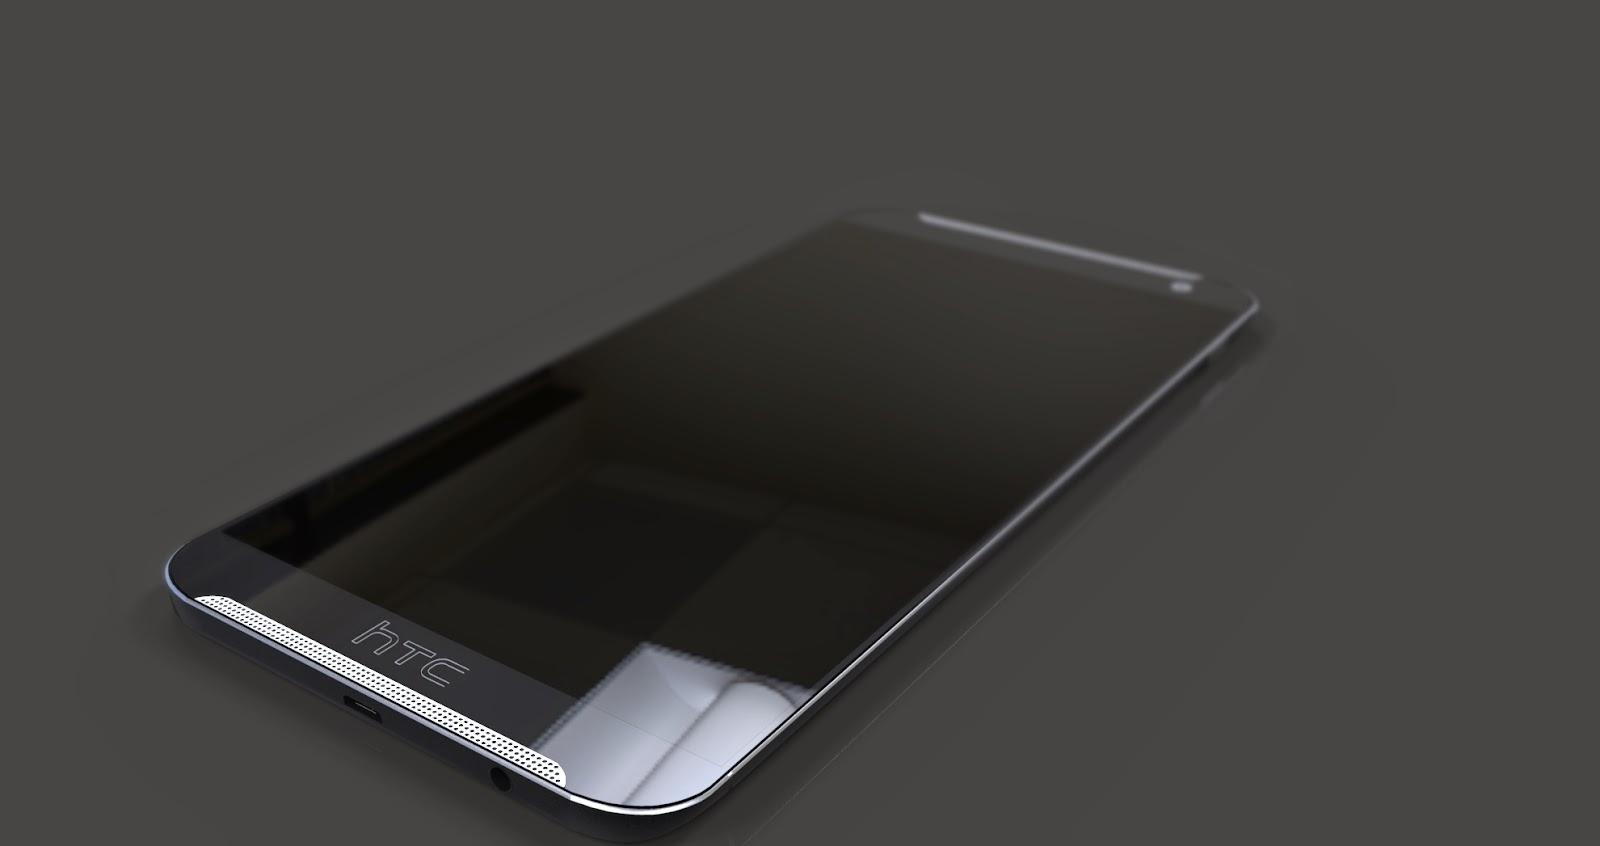 مواصفات الهاتف الرائد اتش تي سي هيما إم9 لعام 2015